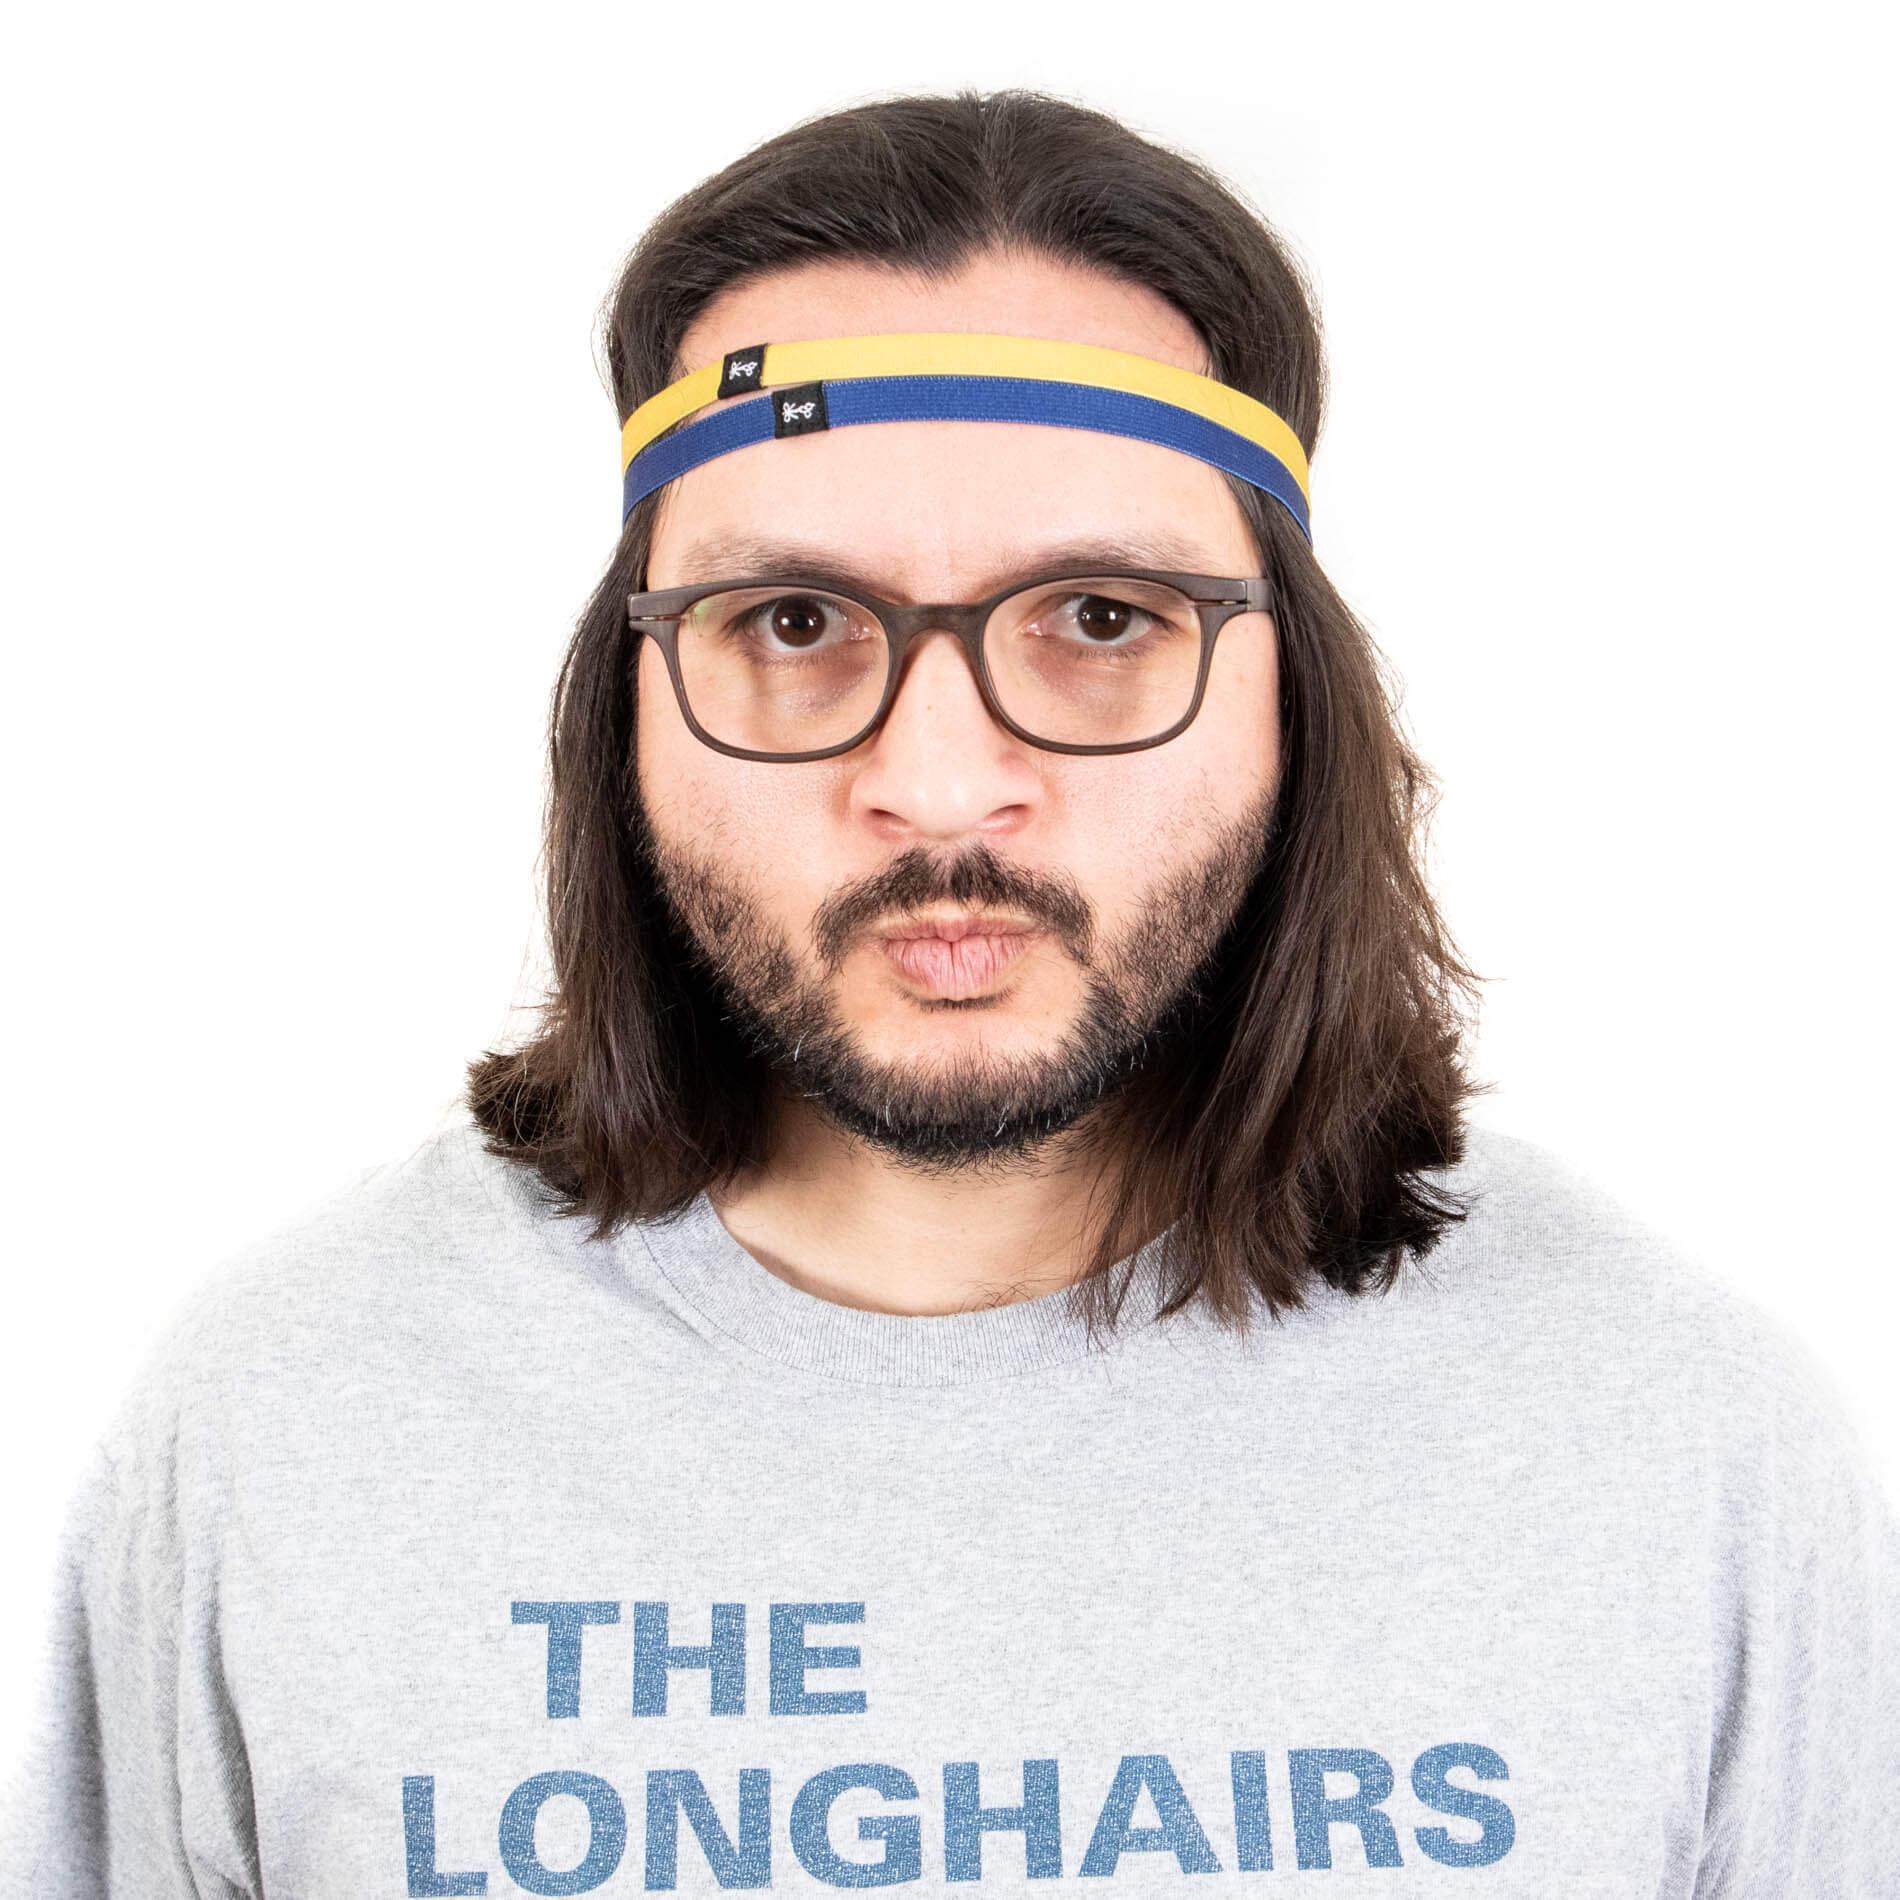 2 thin headbands draped over hair.